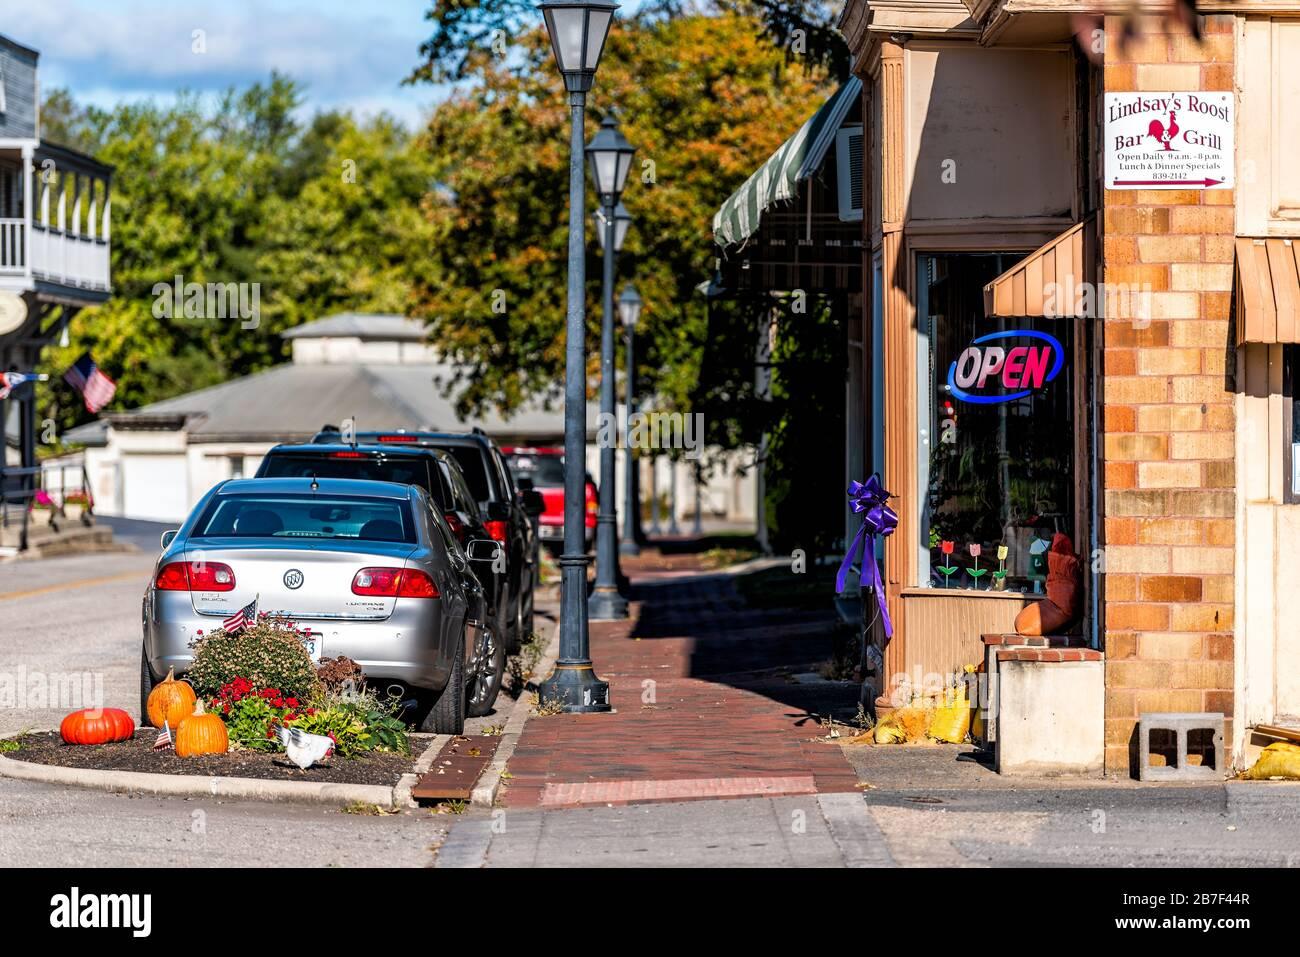 Hot Springs, USA - 18. Oktober 2019: Historische Innenstadt in Virginia auf dem Land mit Herbstdekorationen und Restaurantschild Stockfoto